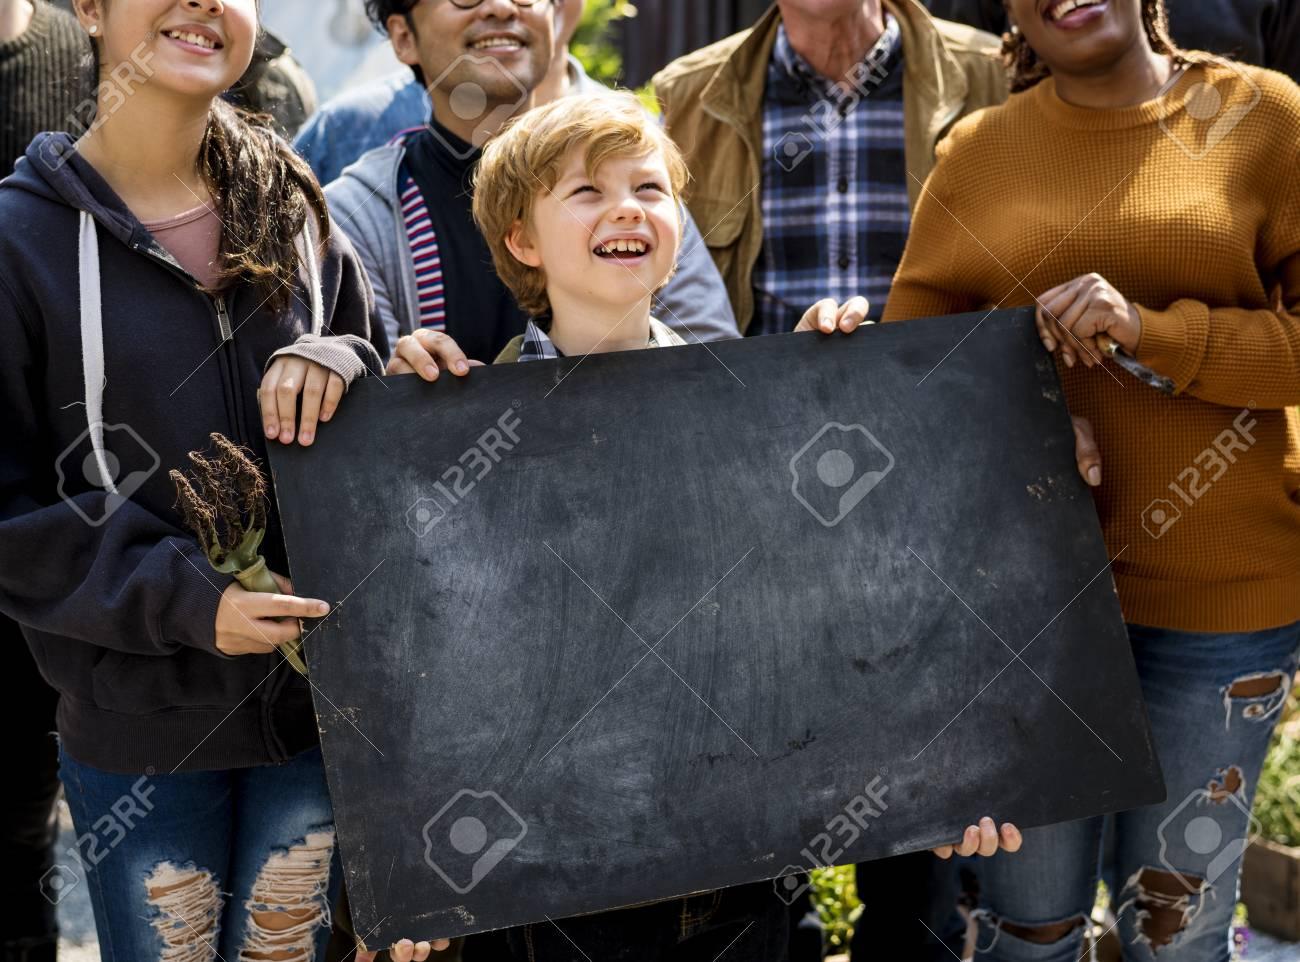 Boy holding copyspace blackboard at farmers market festival - 76706498